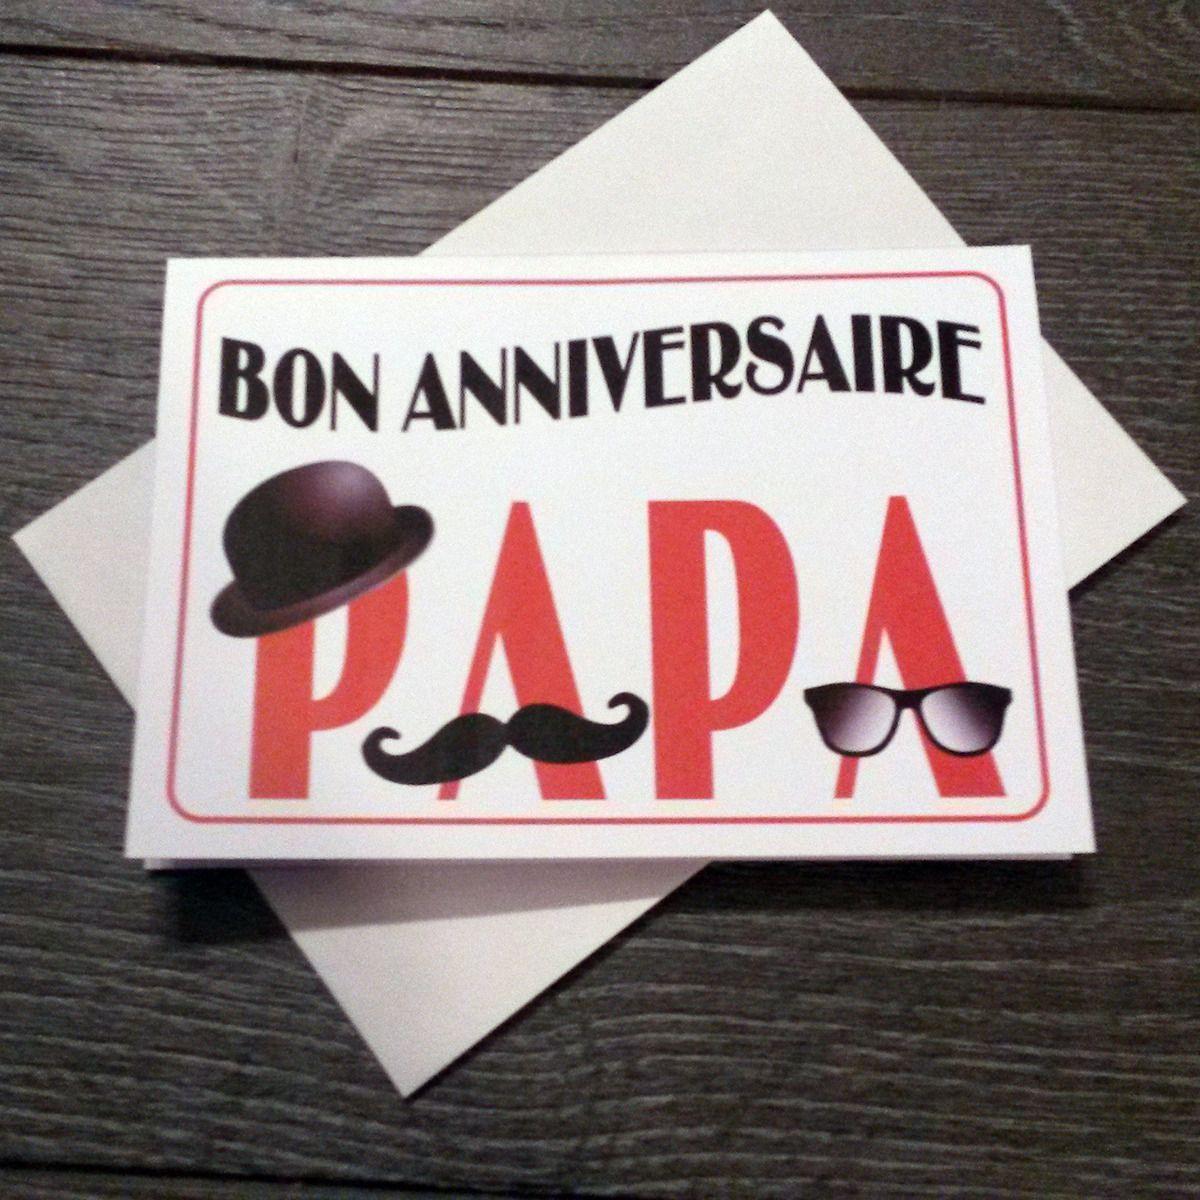 Carte Bon Anniversaire Papa Moustache Anniversaire Pinterest Dedans Carte Anniversaire Pap Bon Anniversaire Papa Carte Bon Anniversaire Anniversaire Papa